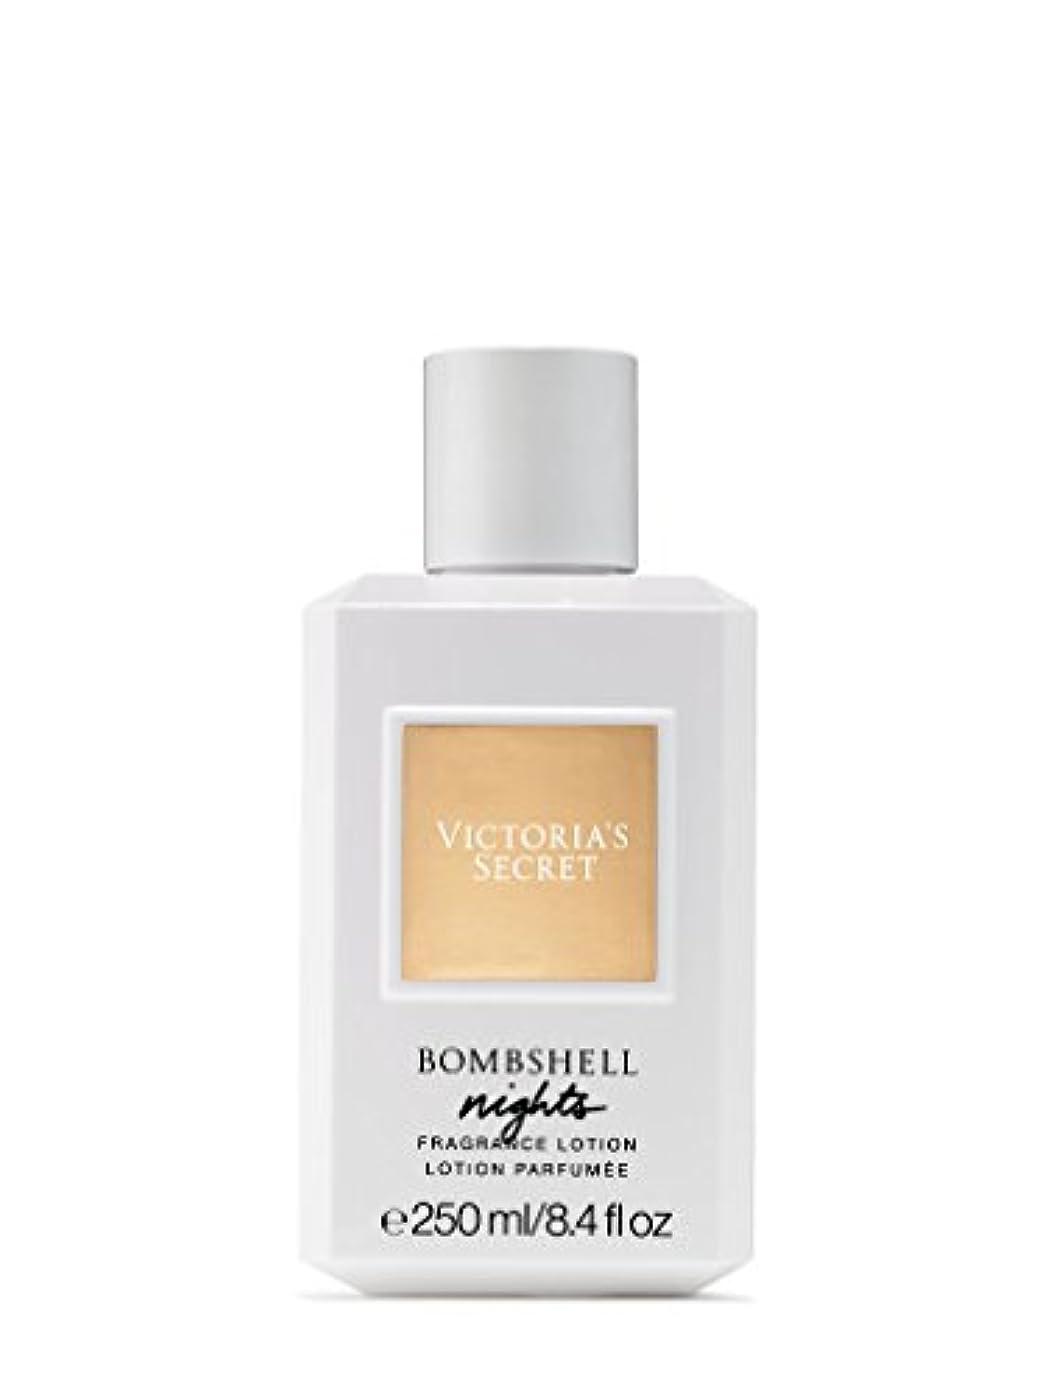 突破口車句Bombshell Nights (ボムシェル ナイツ) 8.4 oz (252ml) Fragrance Body Lotion ボディーローション by Victoria's Secret for Women